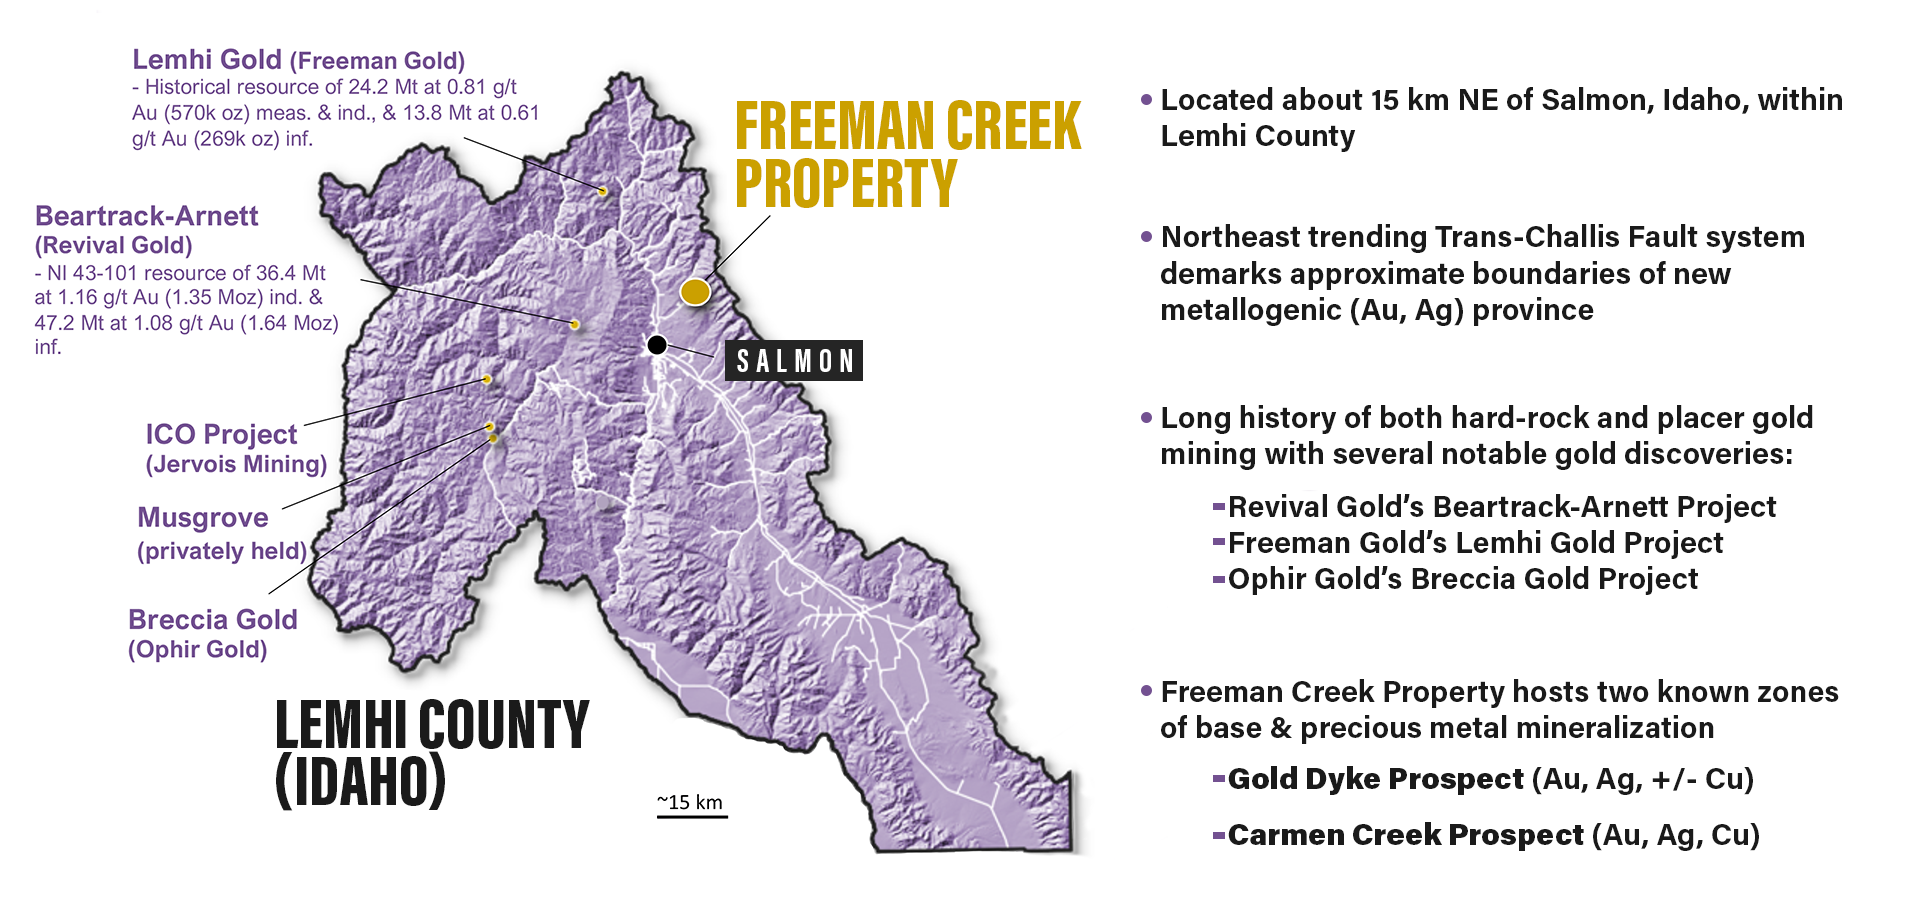 Freeman-Creek